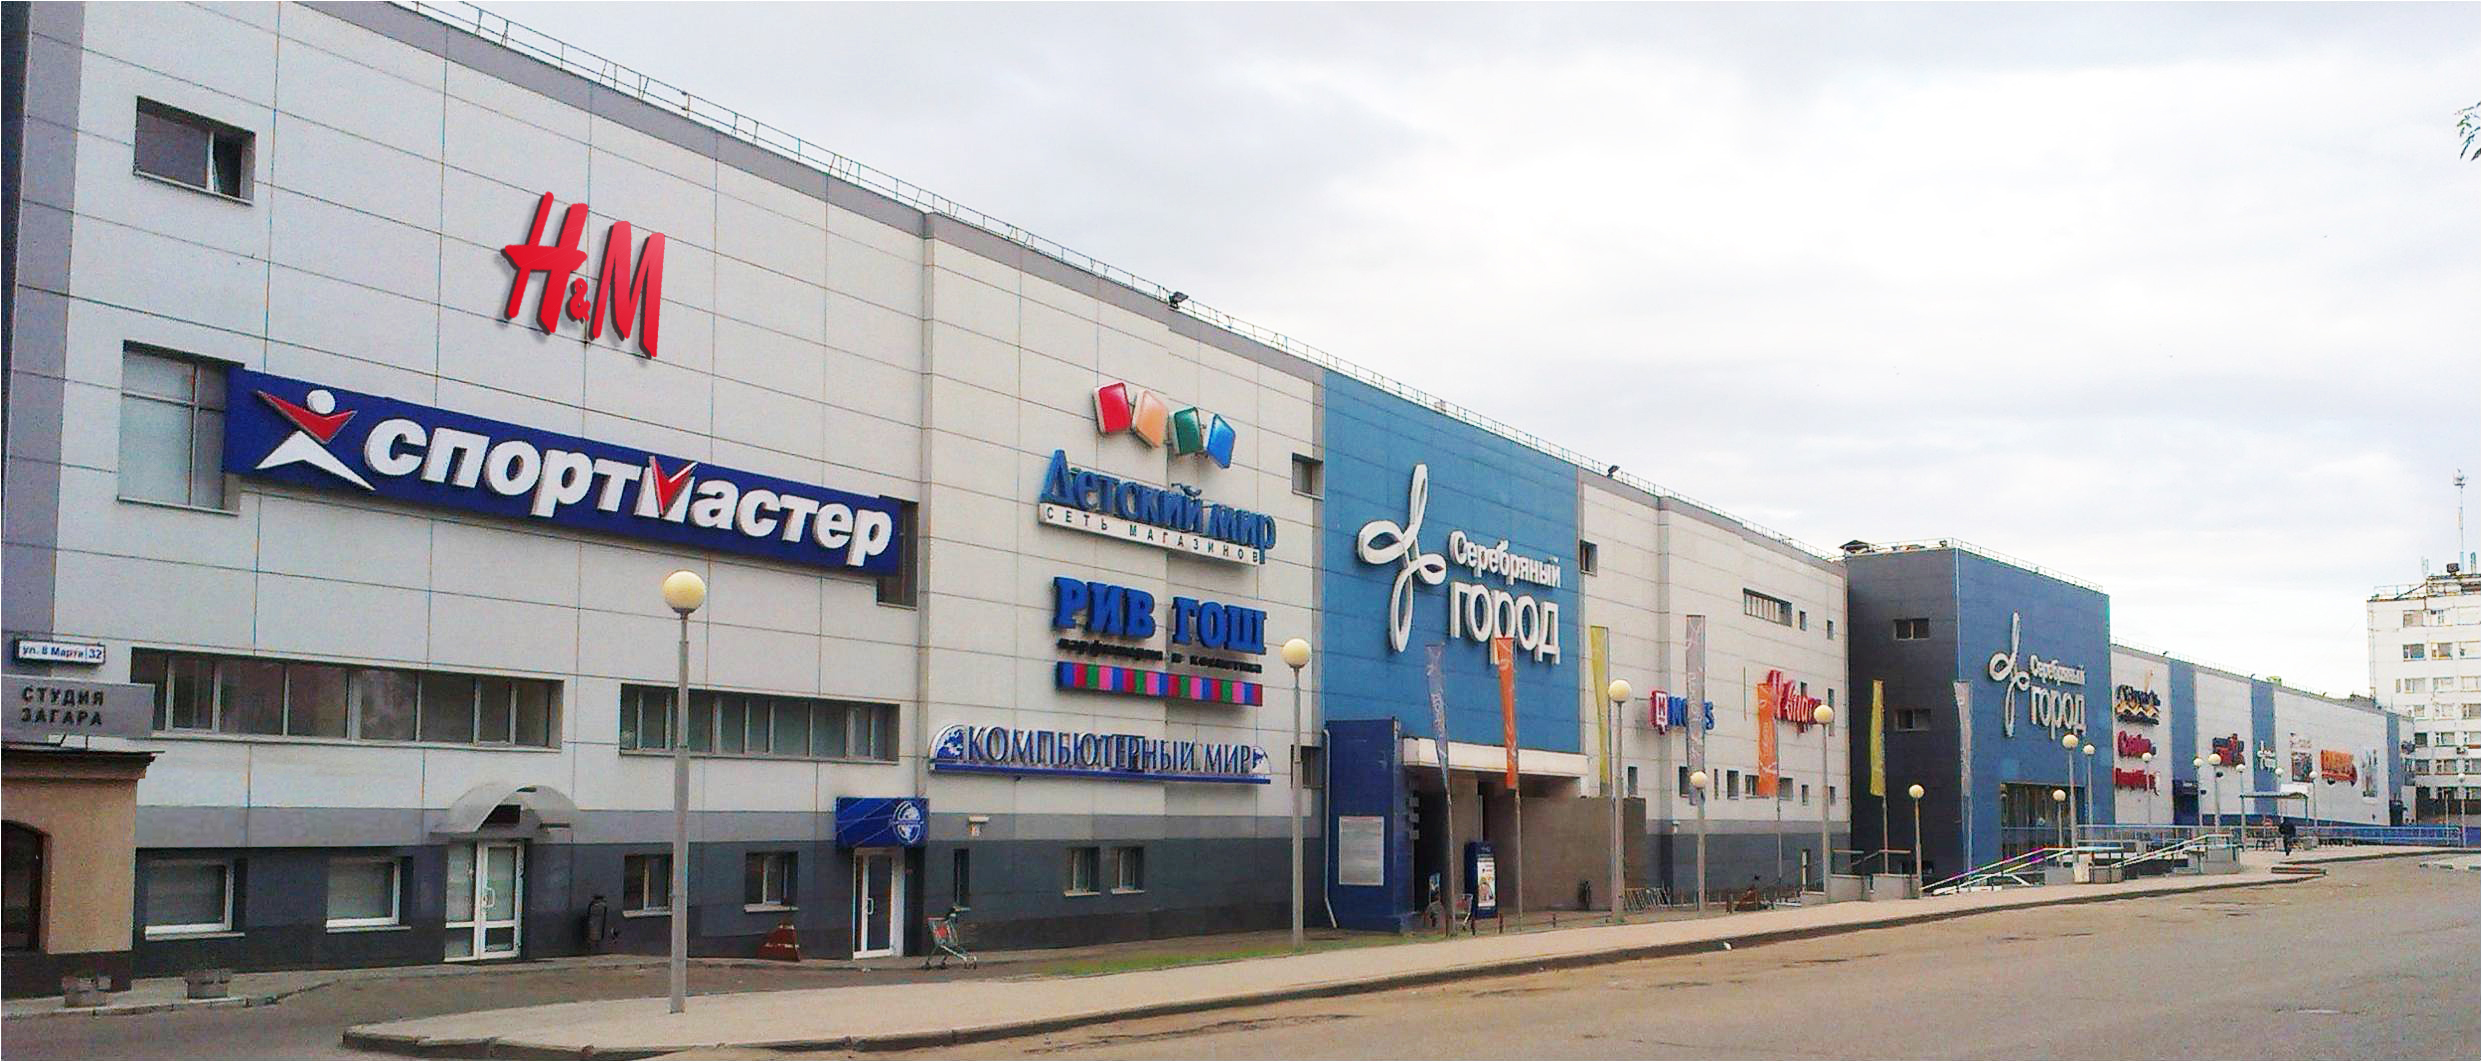 Торгово-развлекательный центр Серебряный город Иваново   Торговая ... fbb20721034